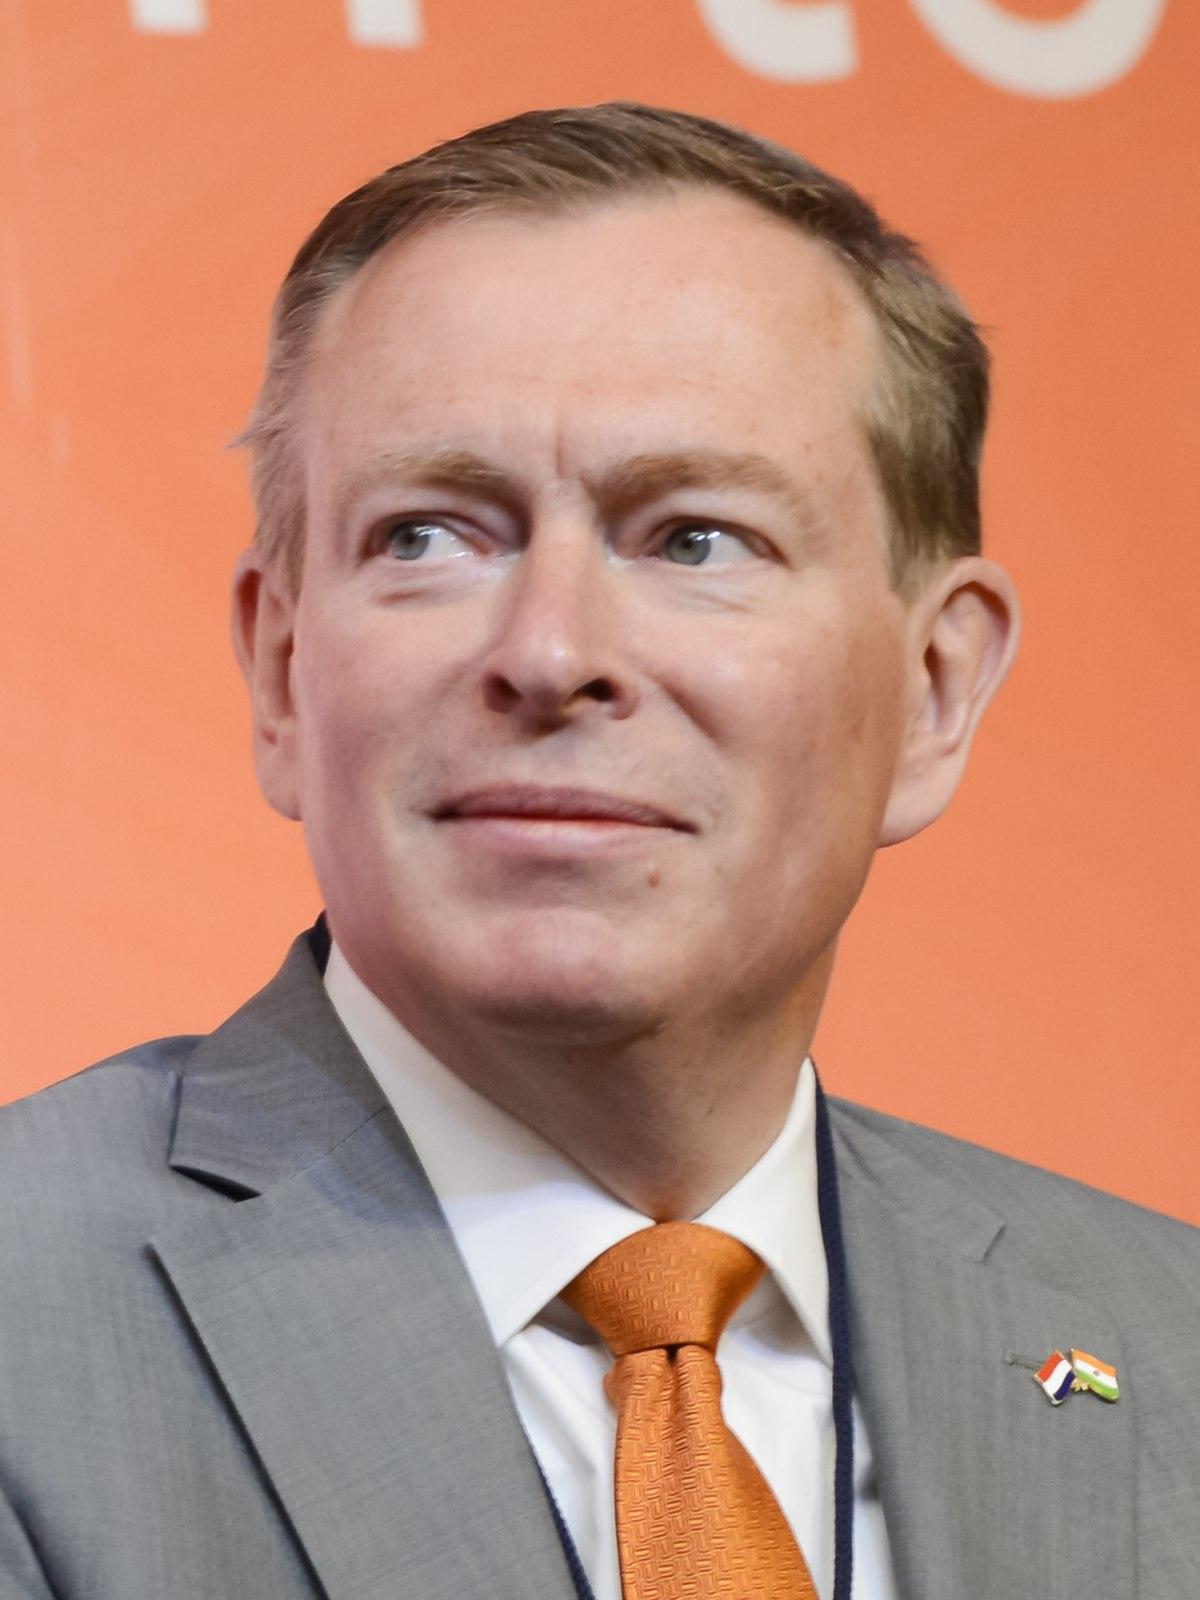 Erik de Bruin - Wikipedia